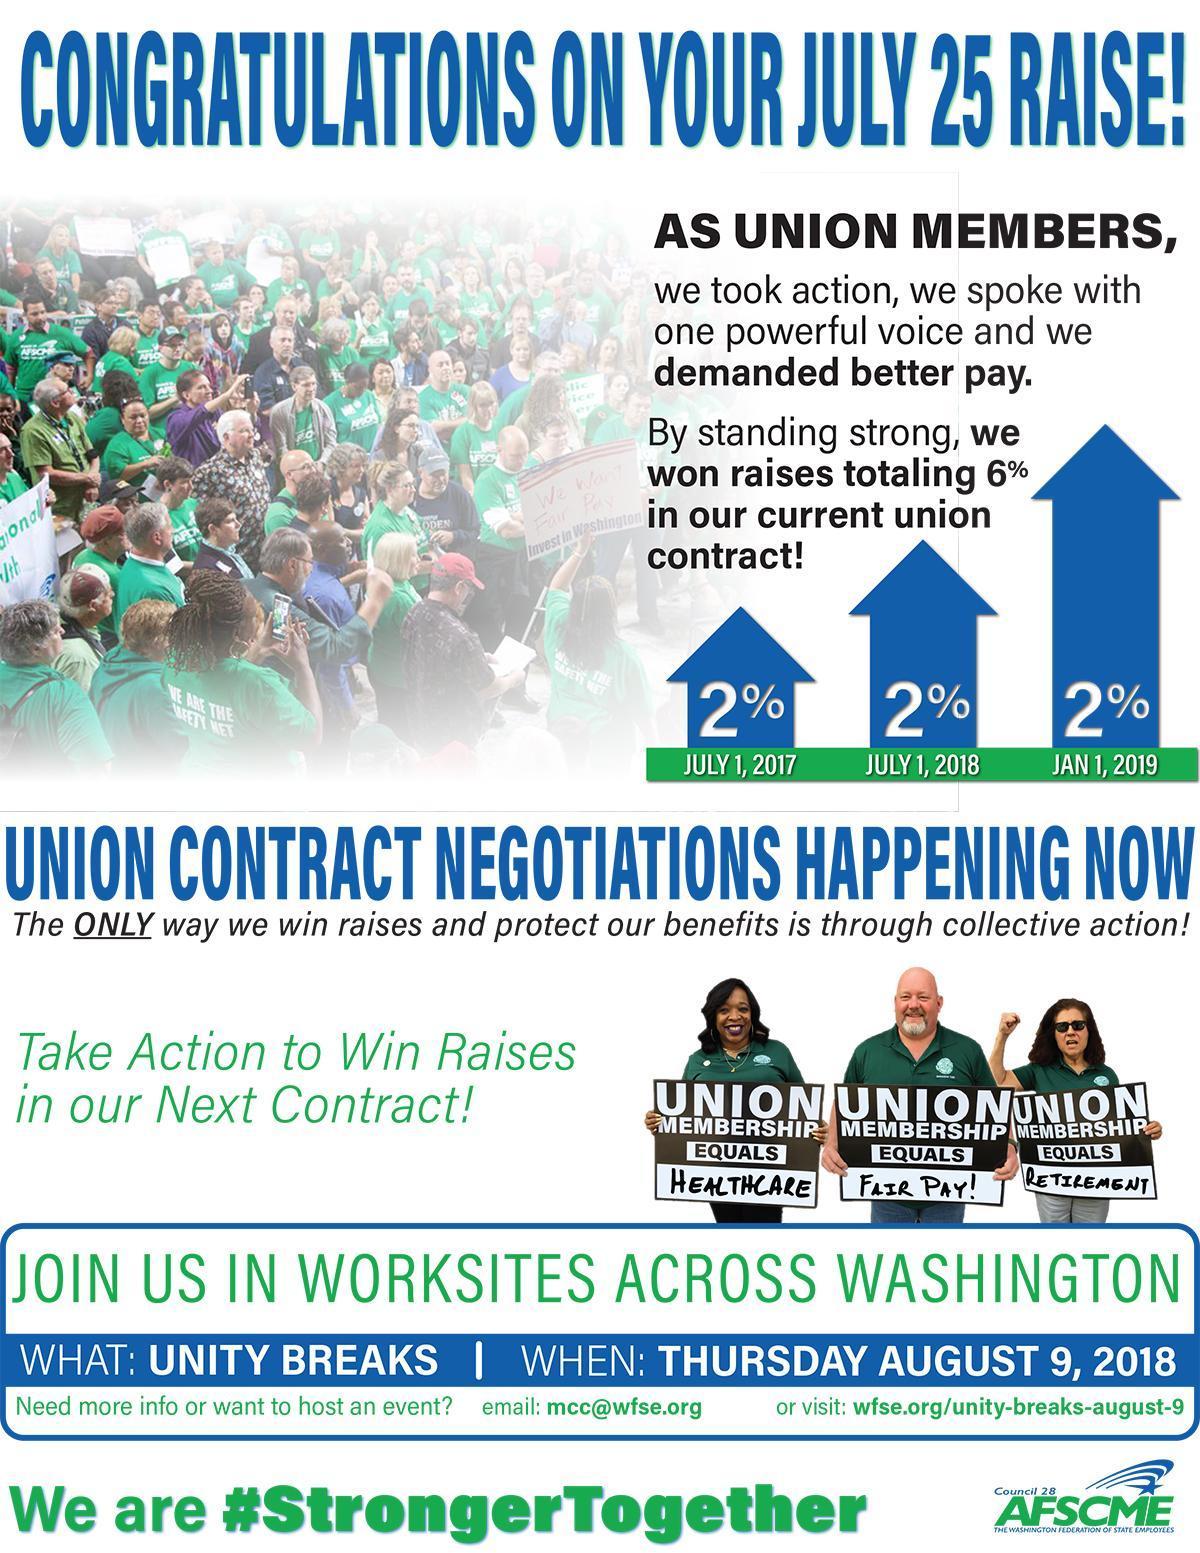 AUG 9 Unity Breaks handout